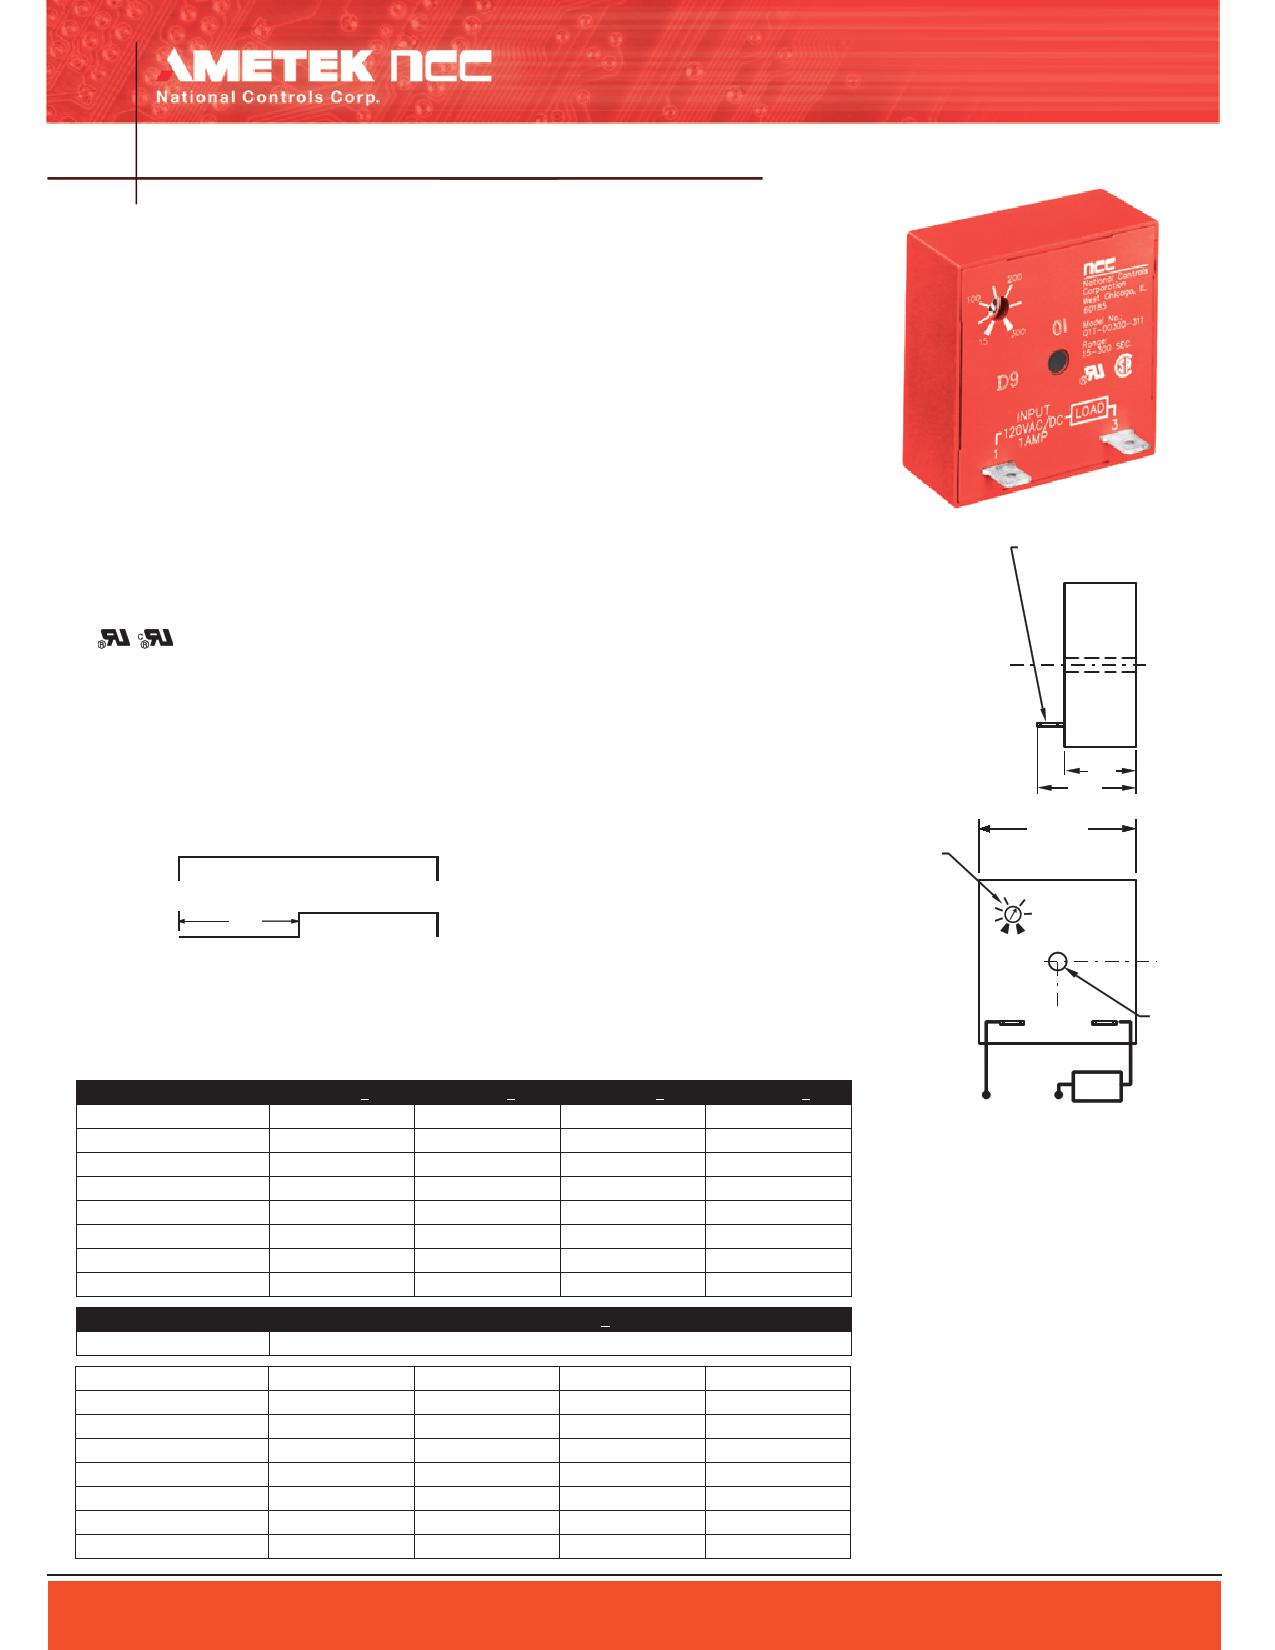 Q1T-36000-316 datasheet